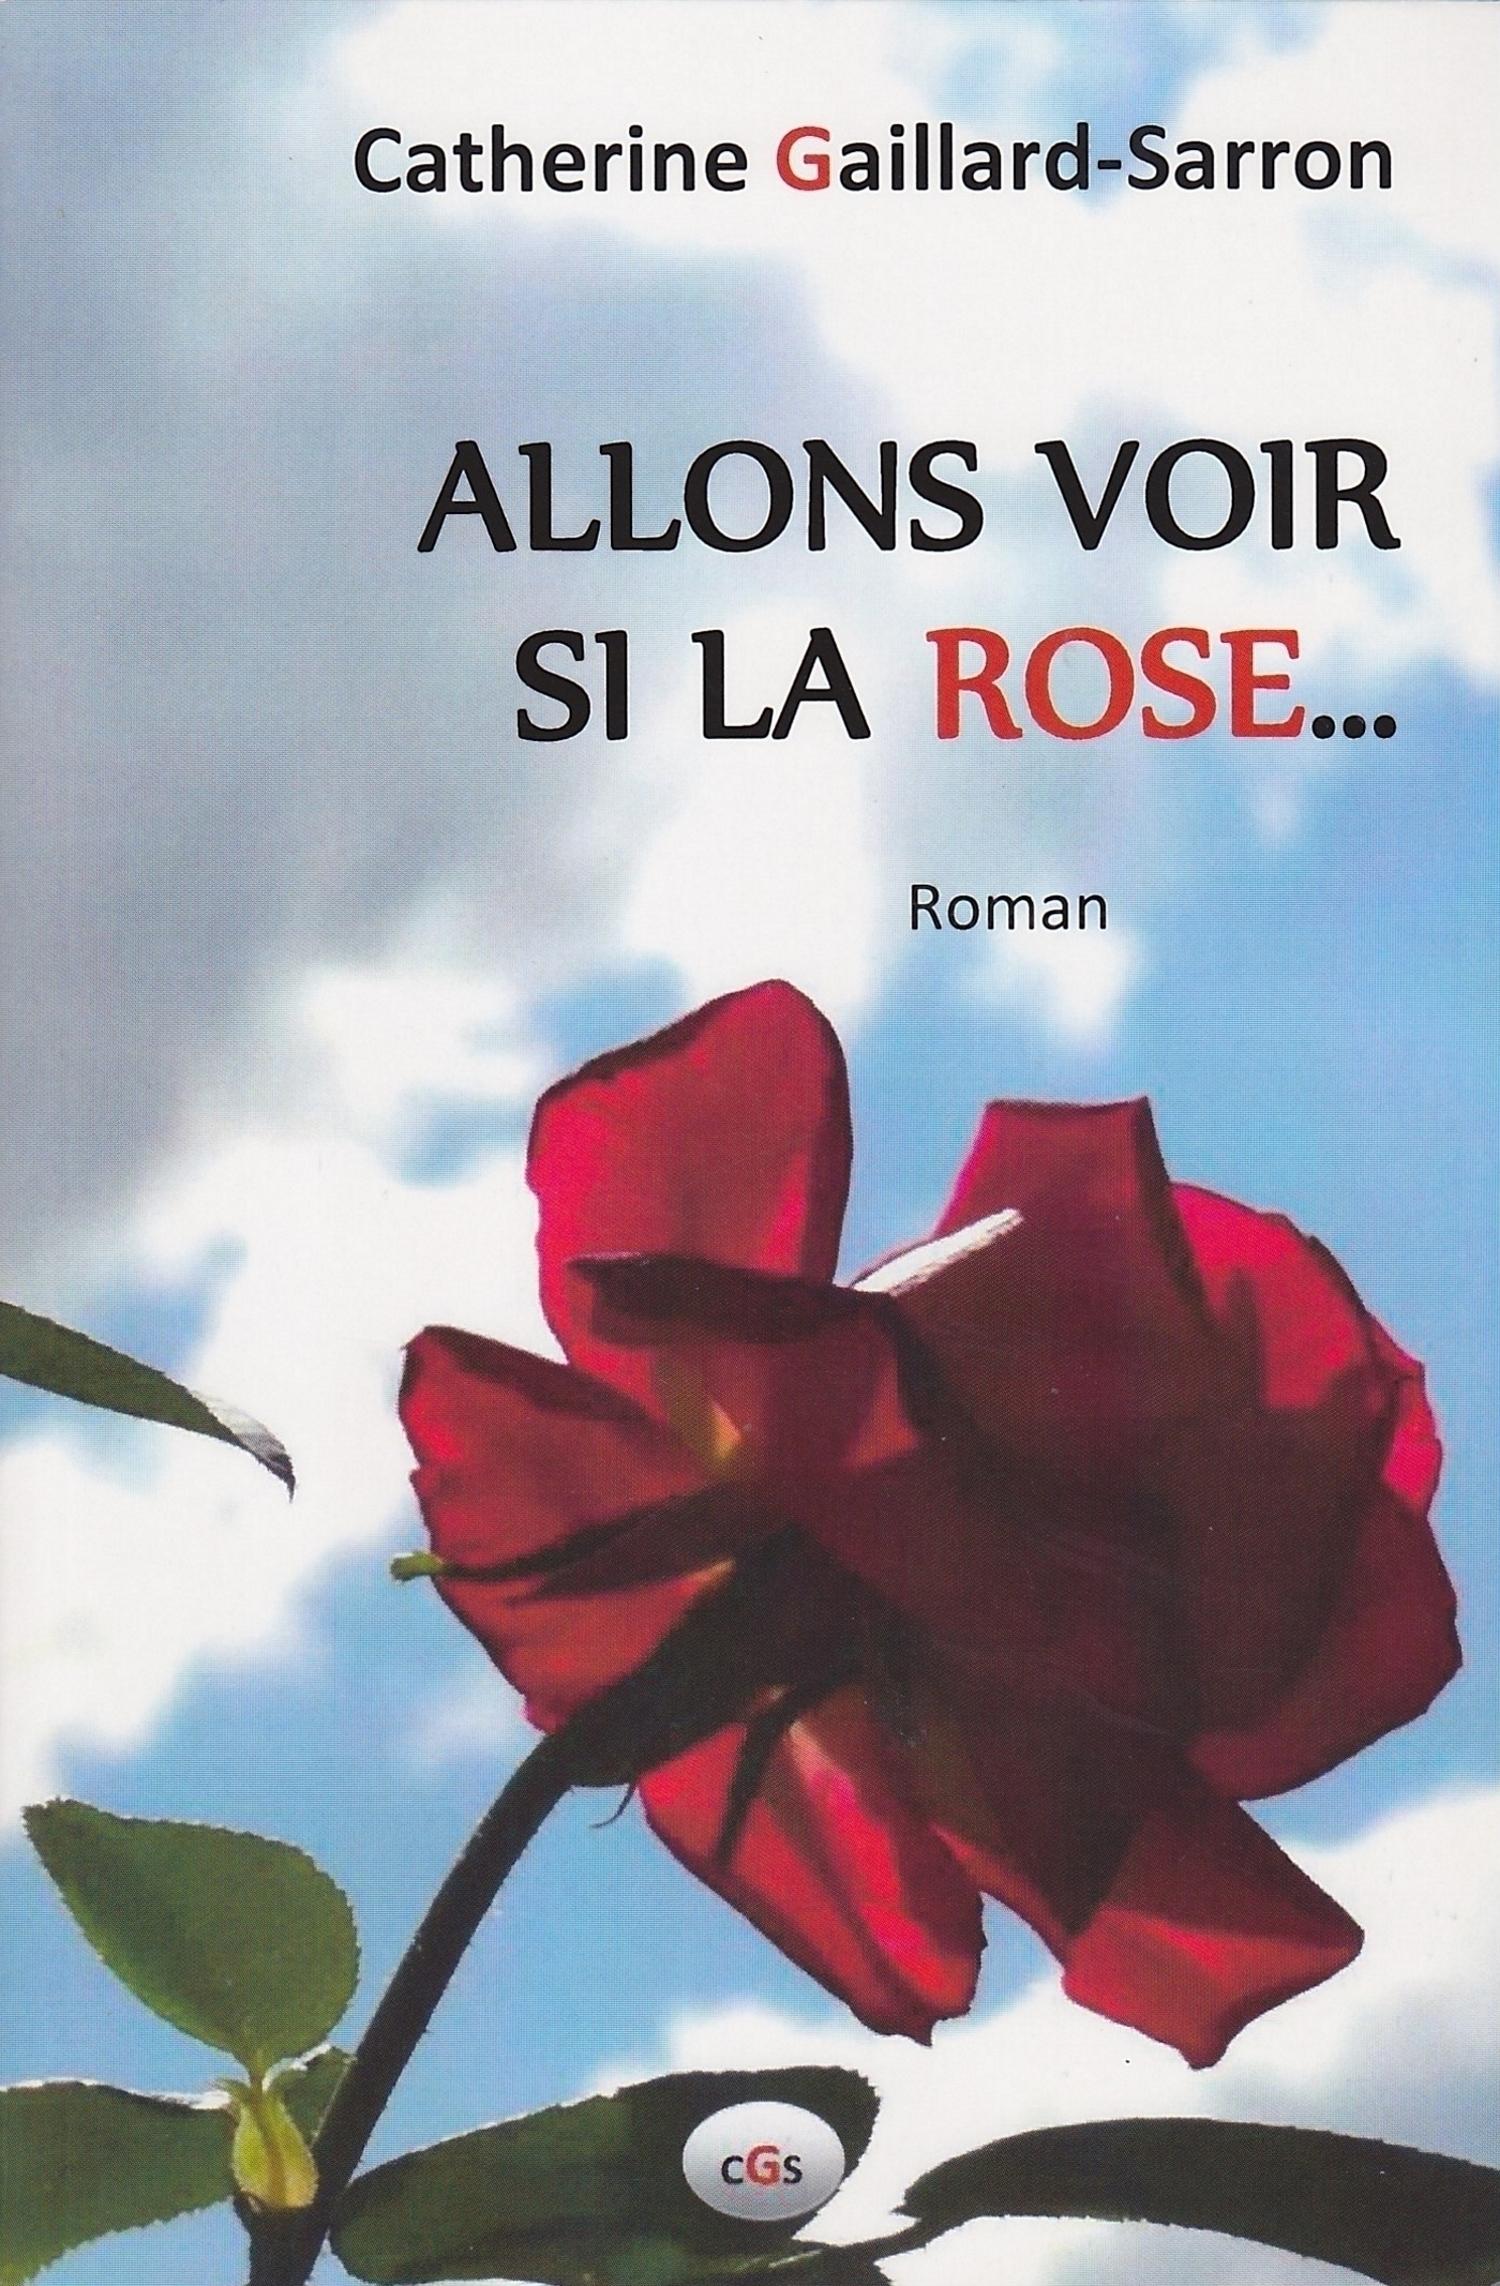 Allons voir si la rose...